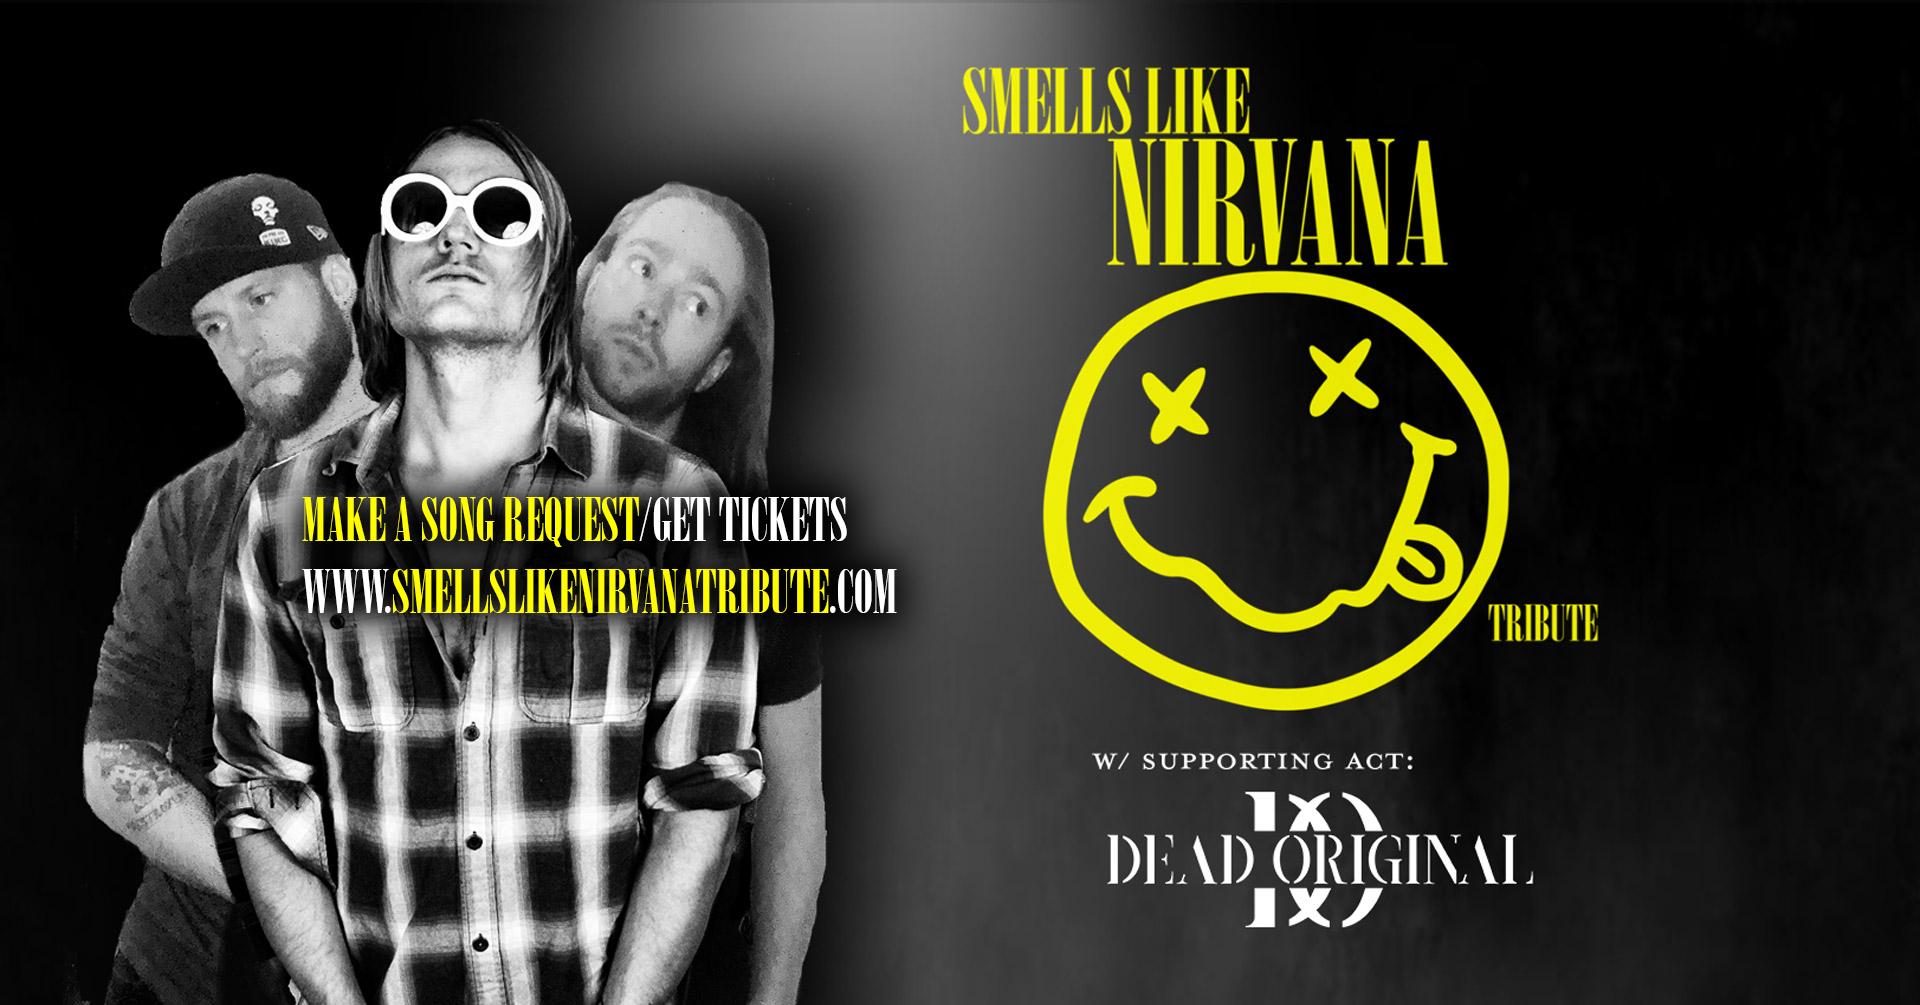 Smells Like Nirvana: Main Image